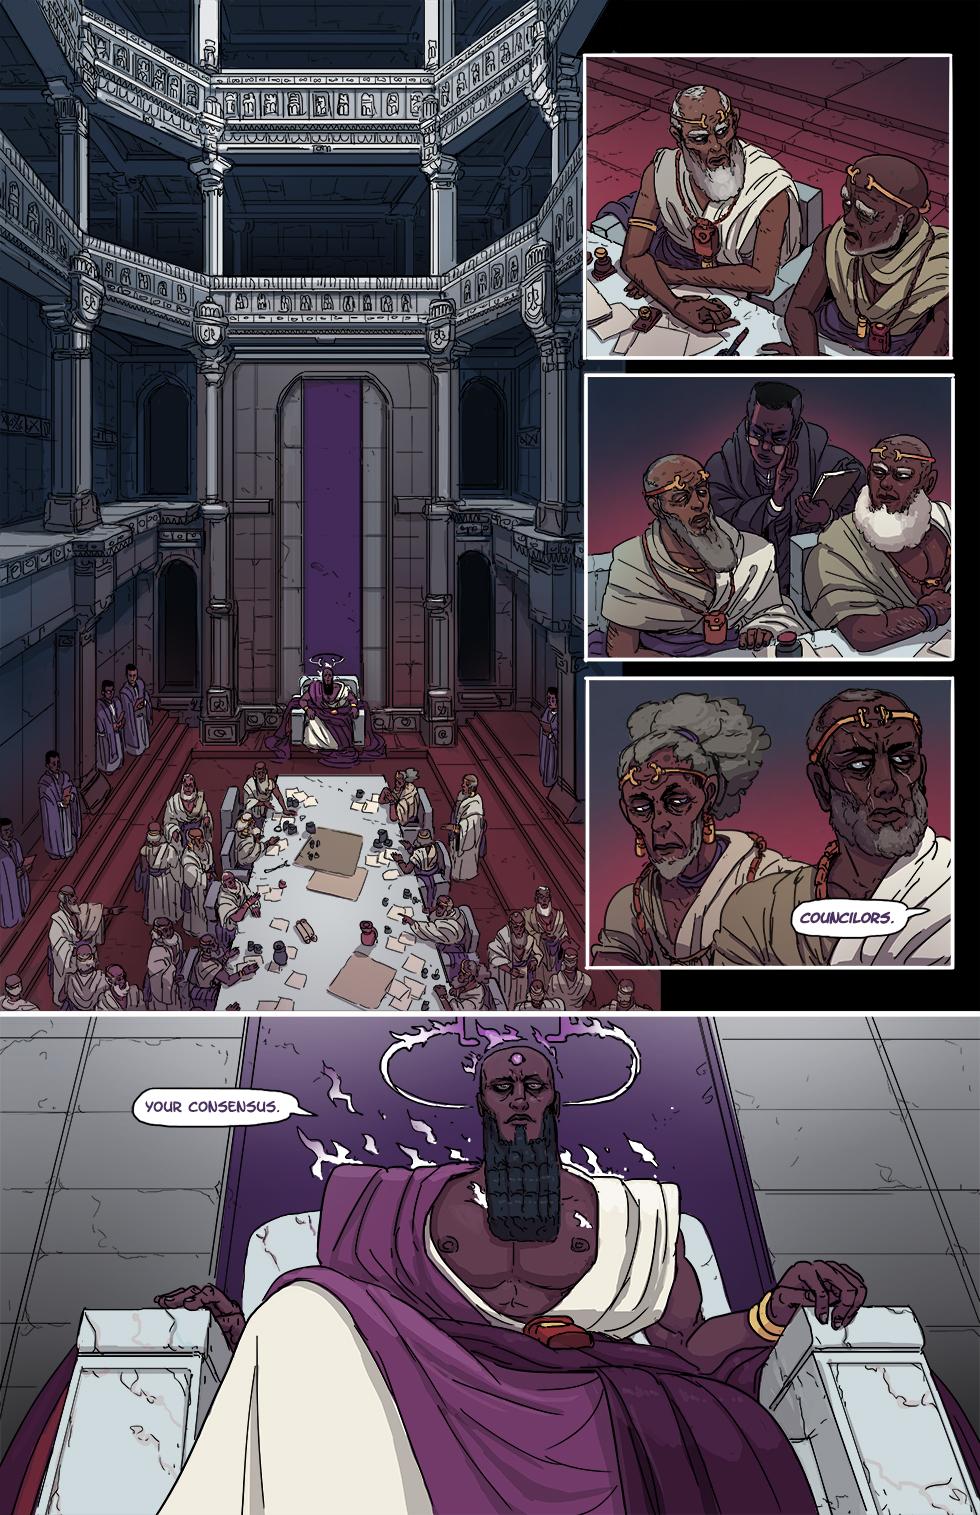 Deus Pater